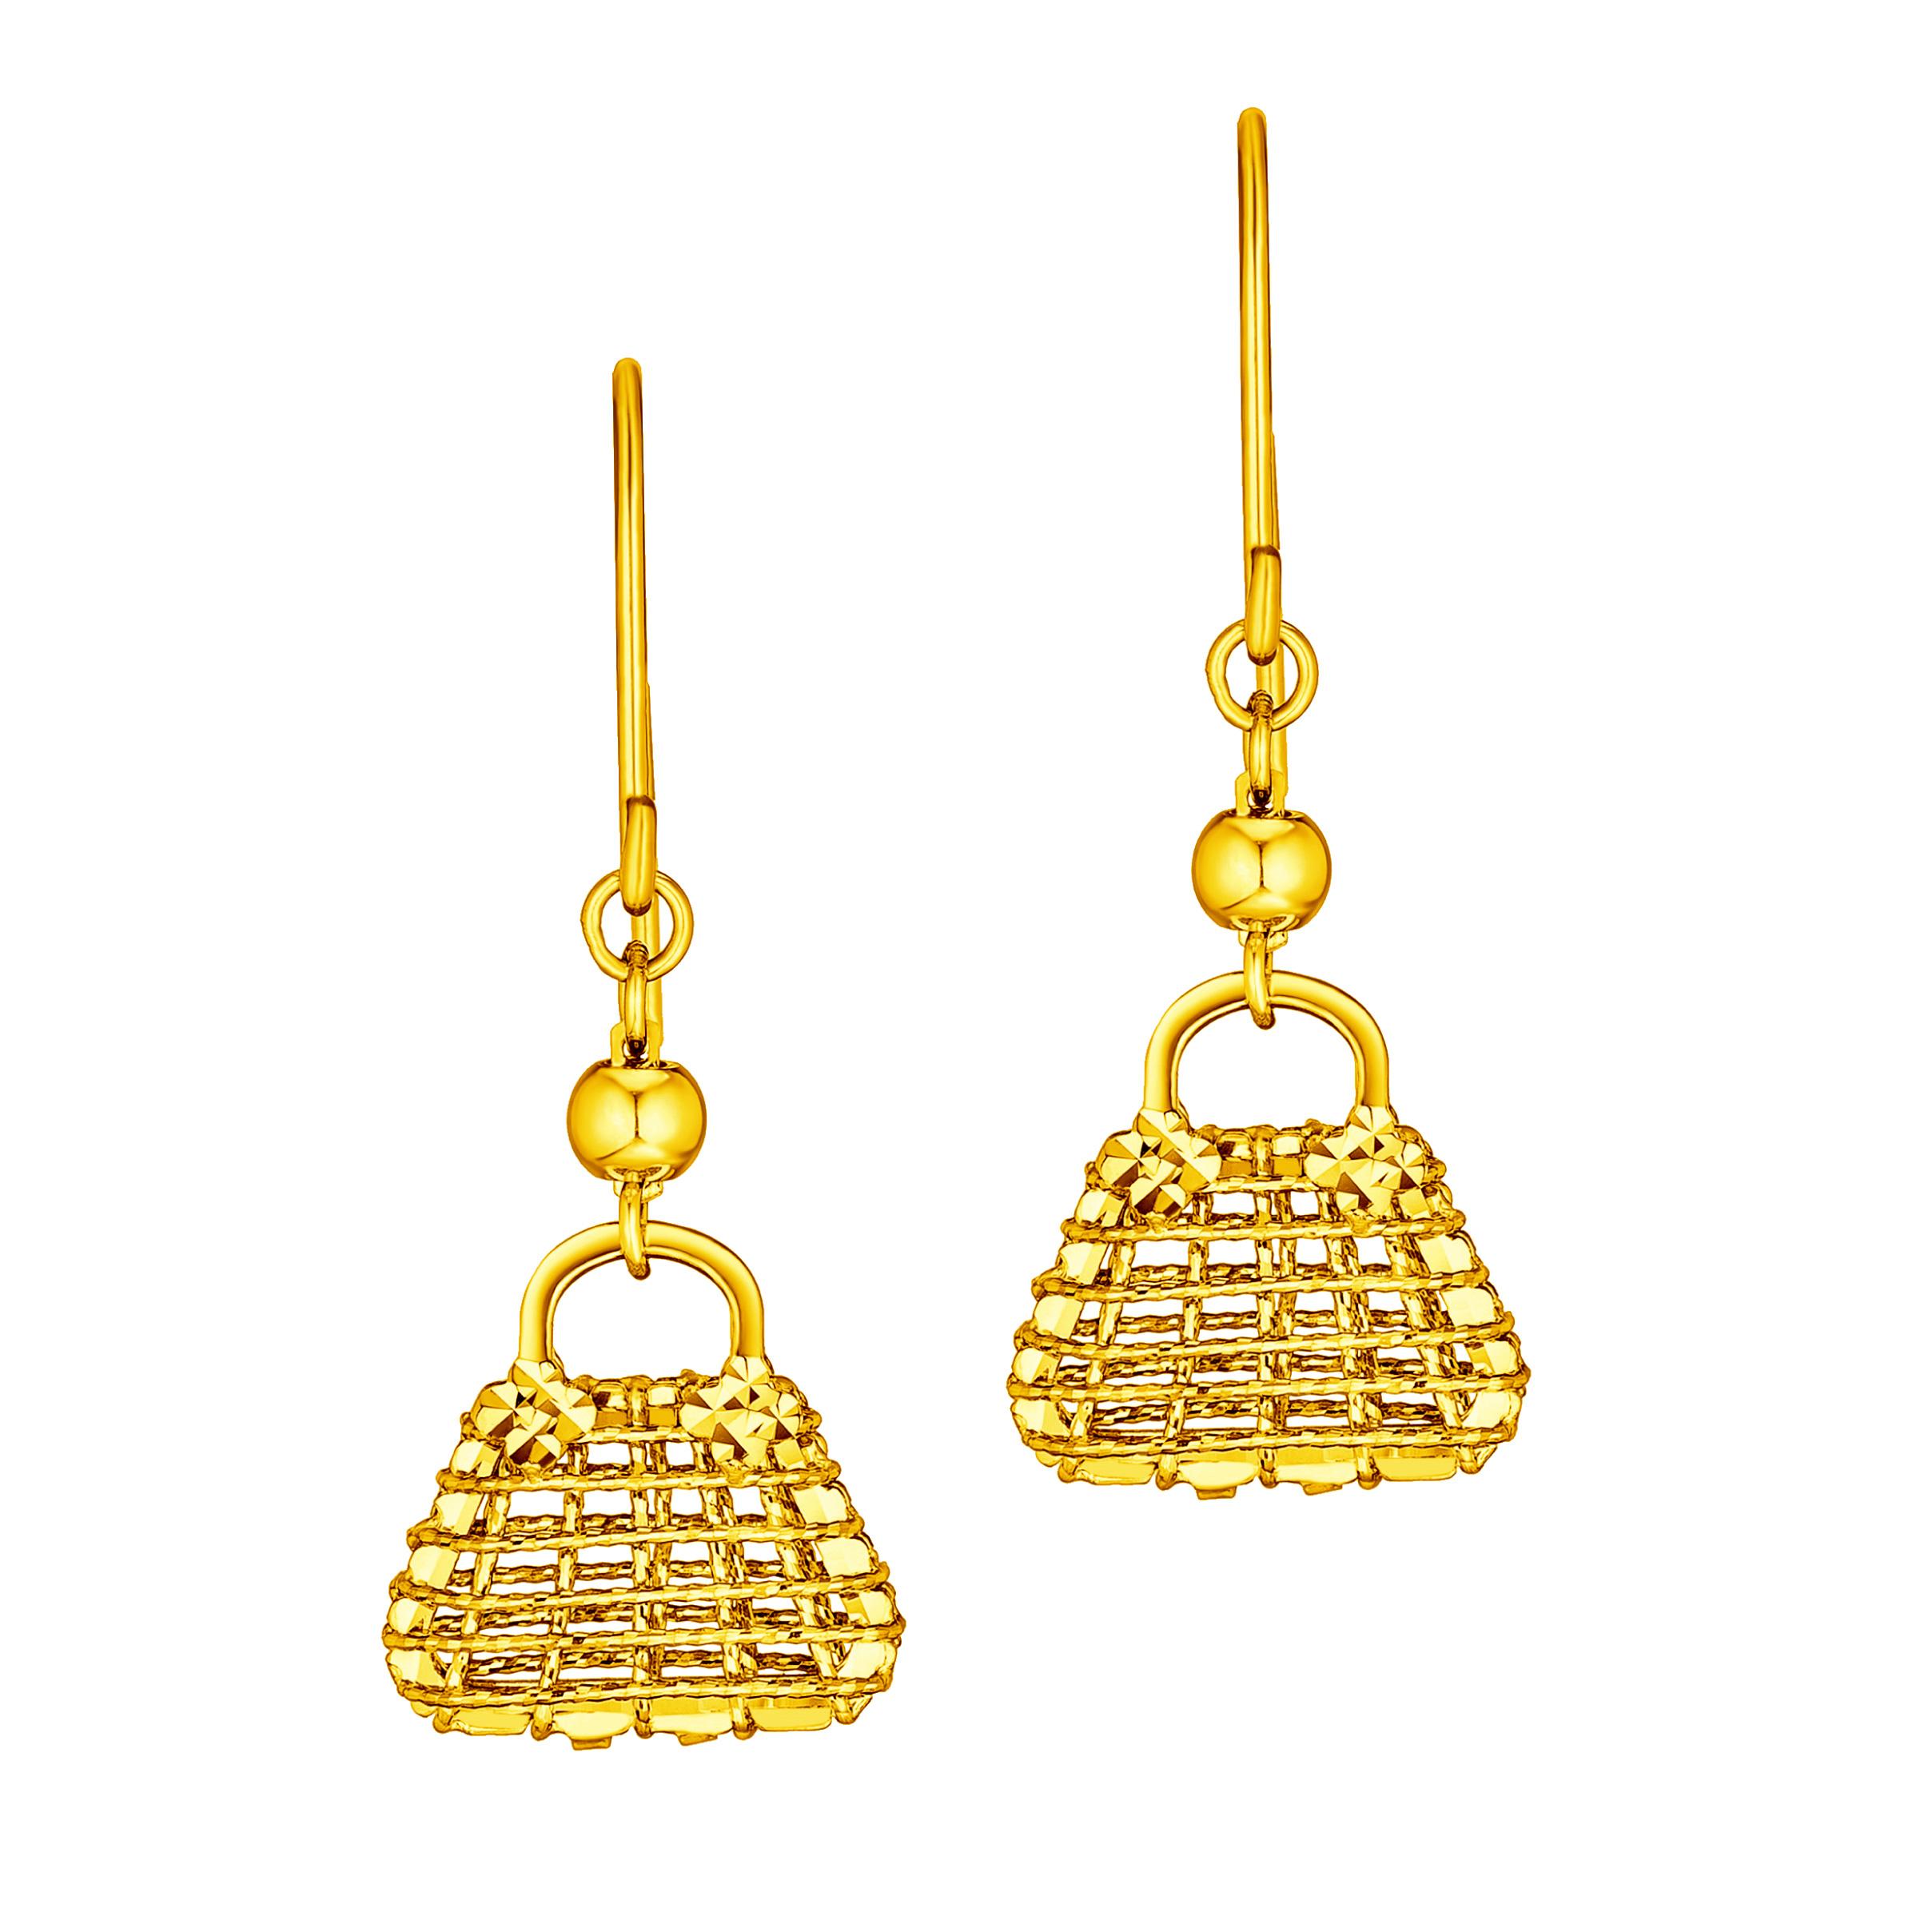 Goldstyle Fashion Handbag Earrings